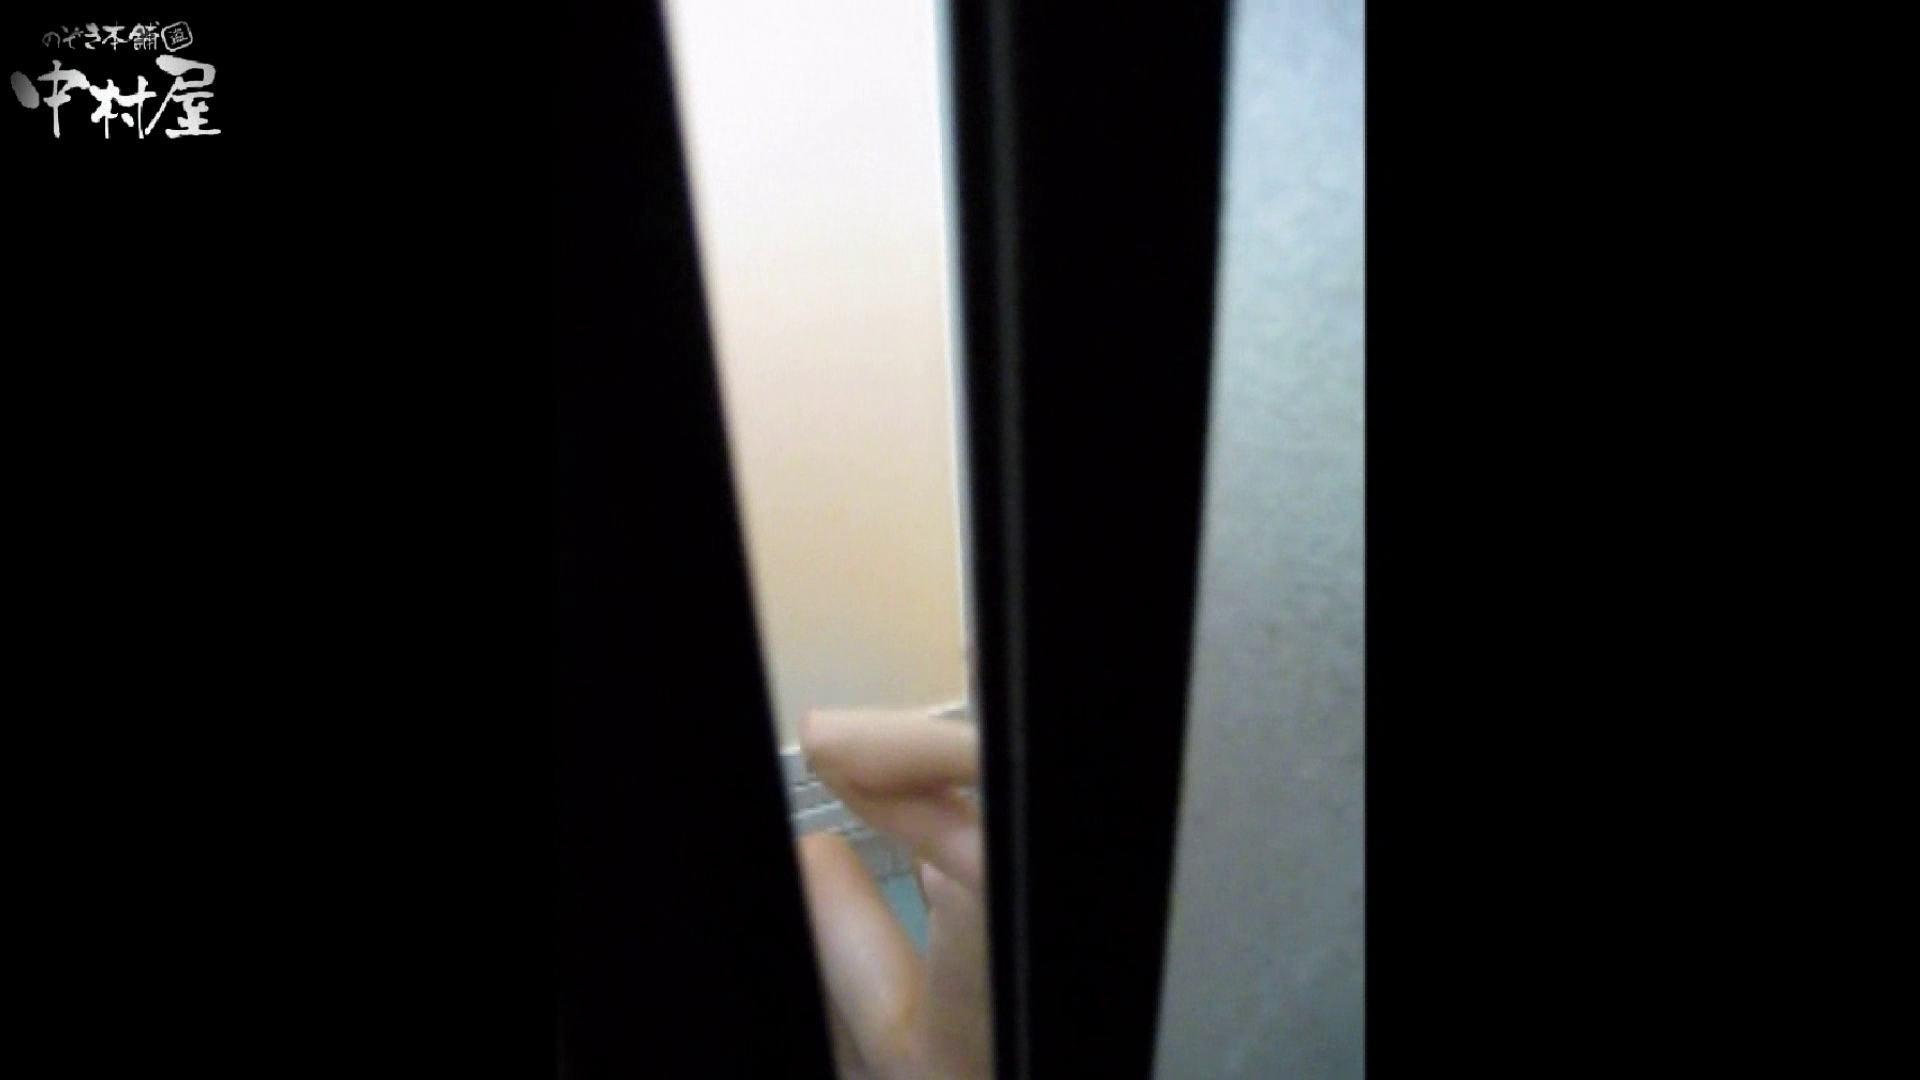 民家風呂専門盗撮師の超危険映像 vol.006 美女 エロ無料画像 109連発 76